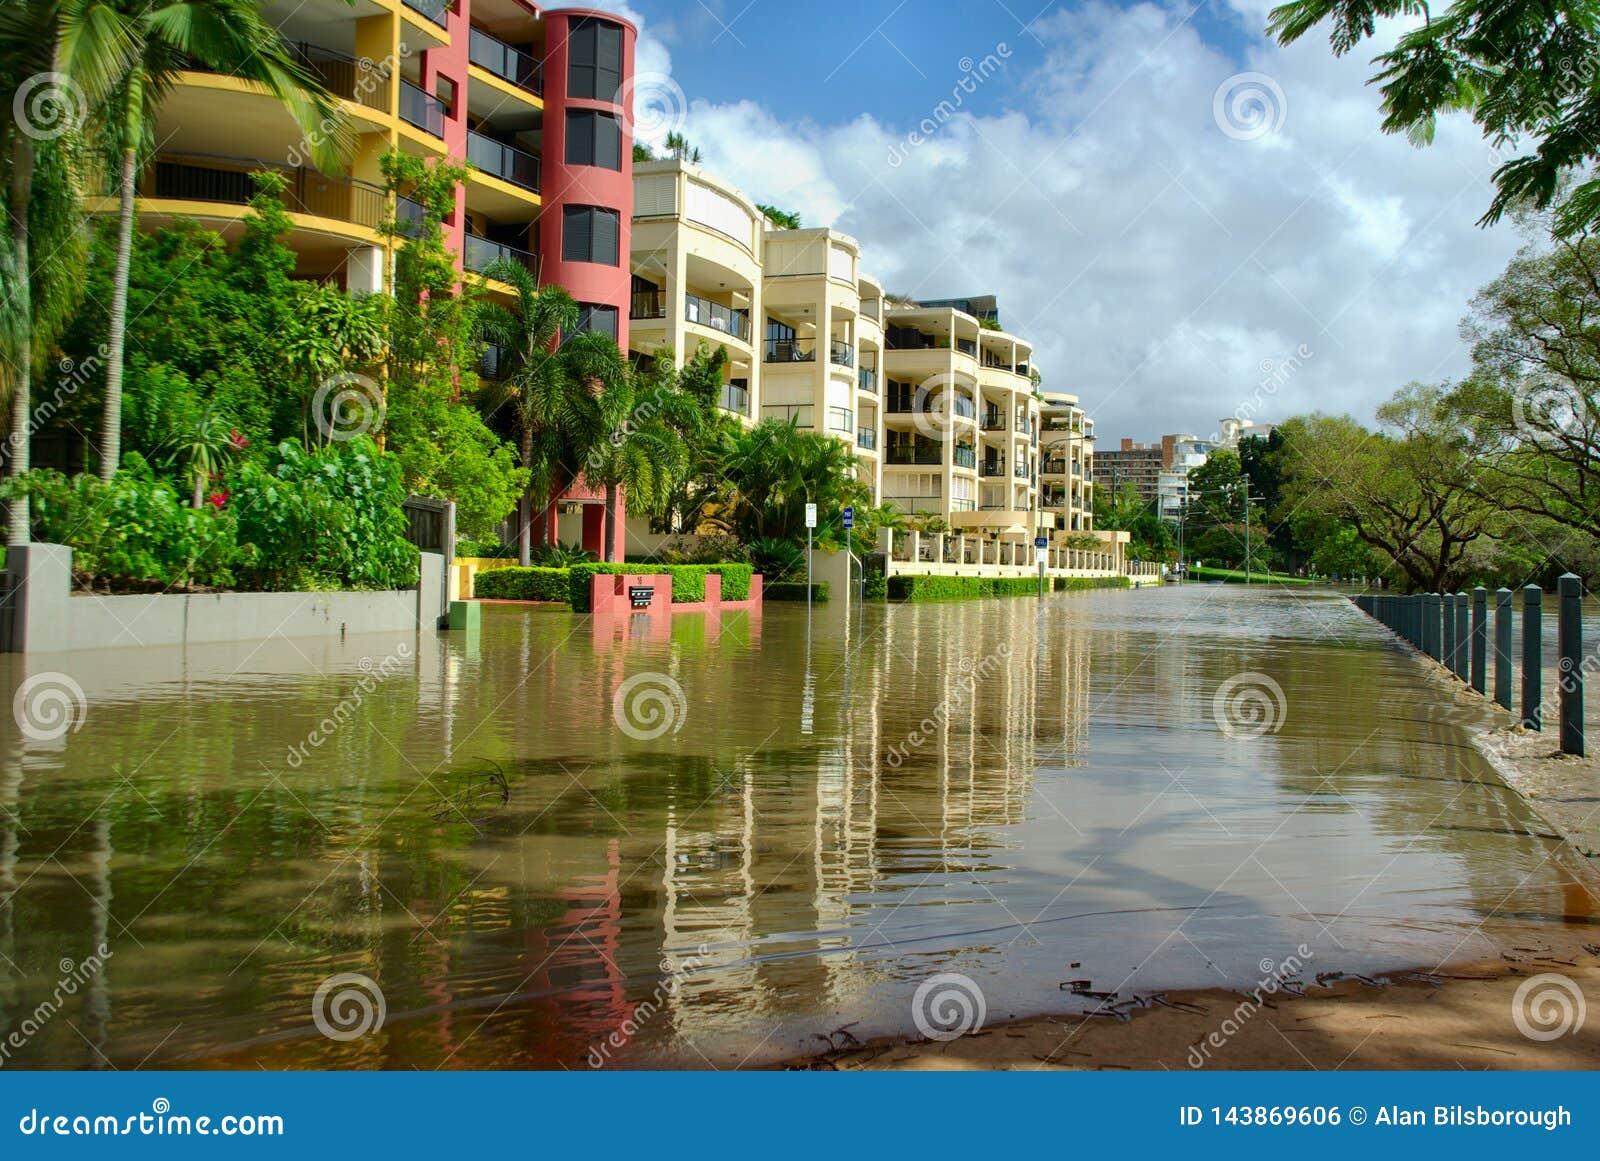 Uma rua é submergida quase completamente nas inundações 2010-11 de Brisbane